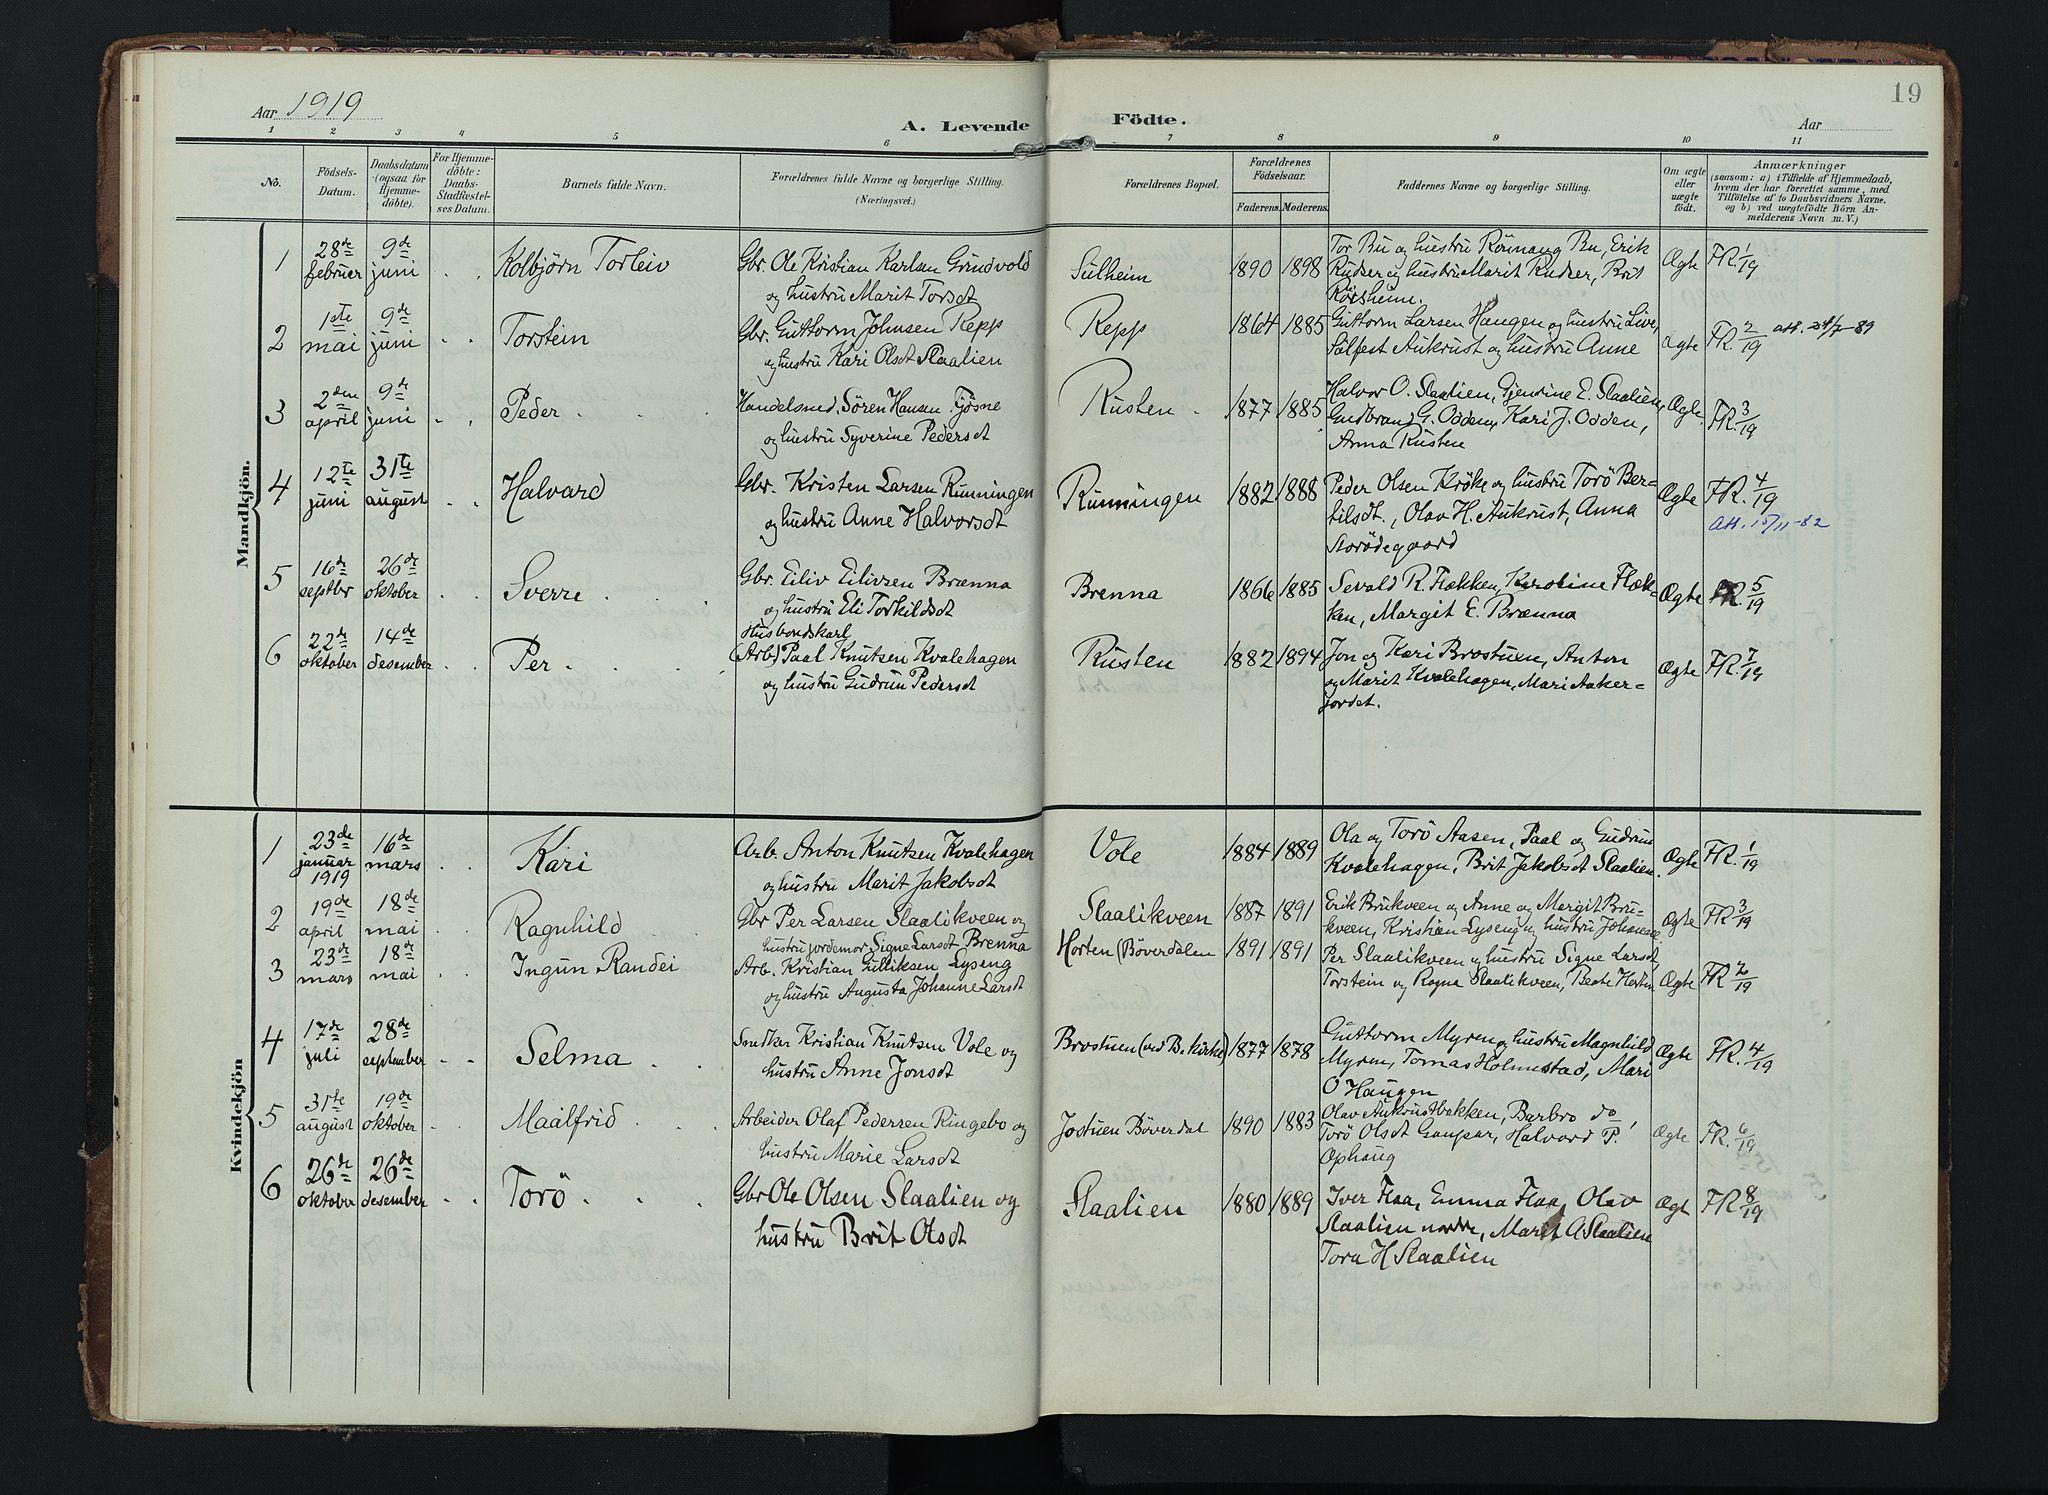 SAH, Lom prestekontor, K/L0012: Ministerialbok nr. 12, 1904-1928, s. 19